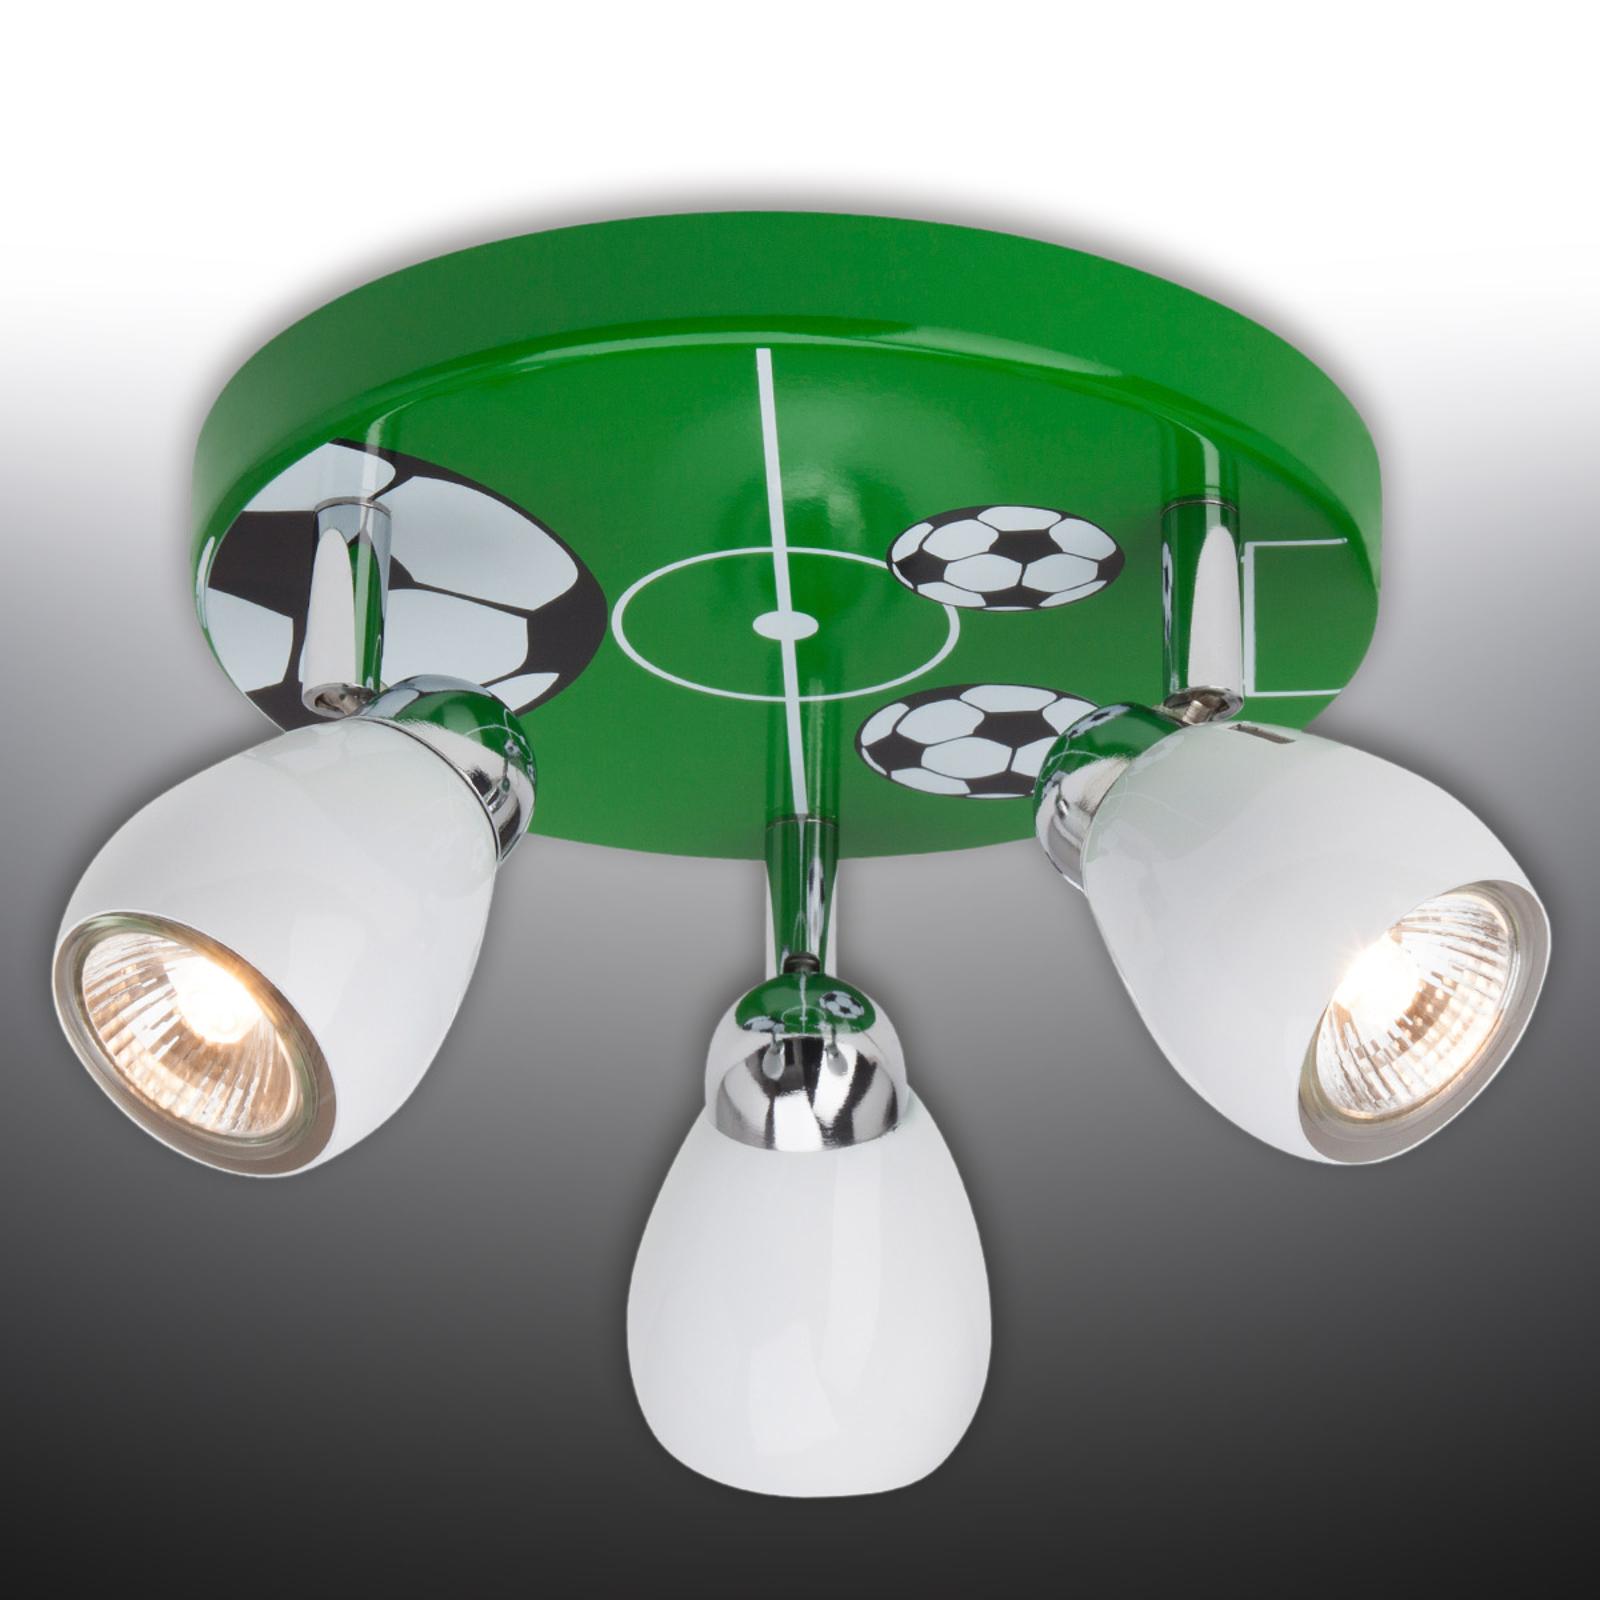 LED-taklampe Soccer, 3 lyskilder